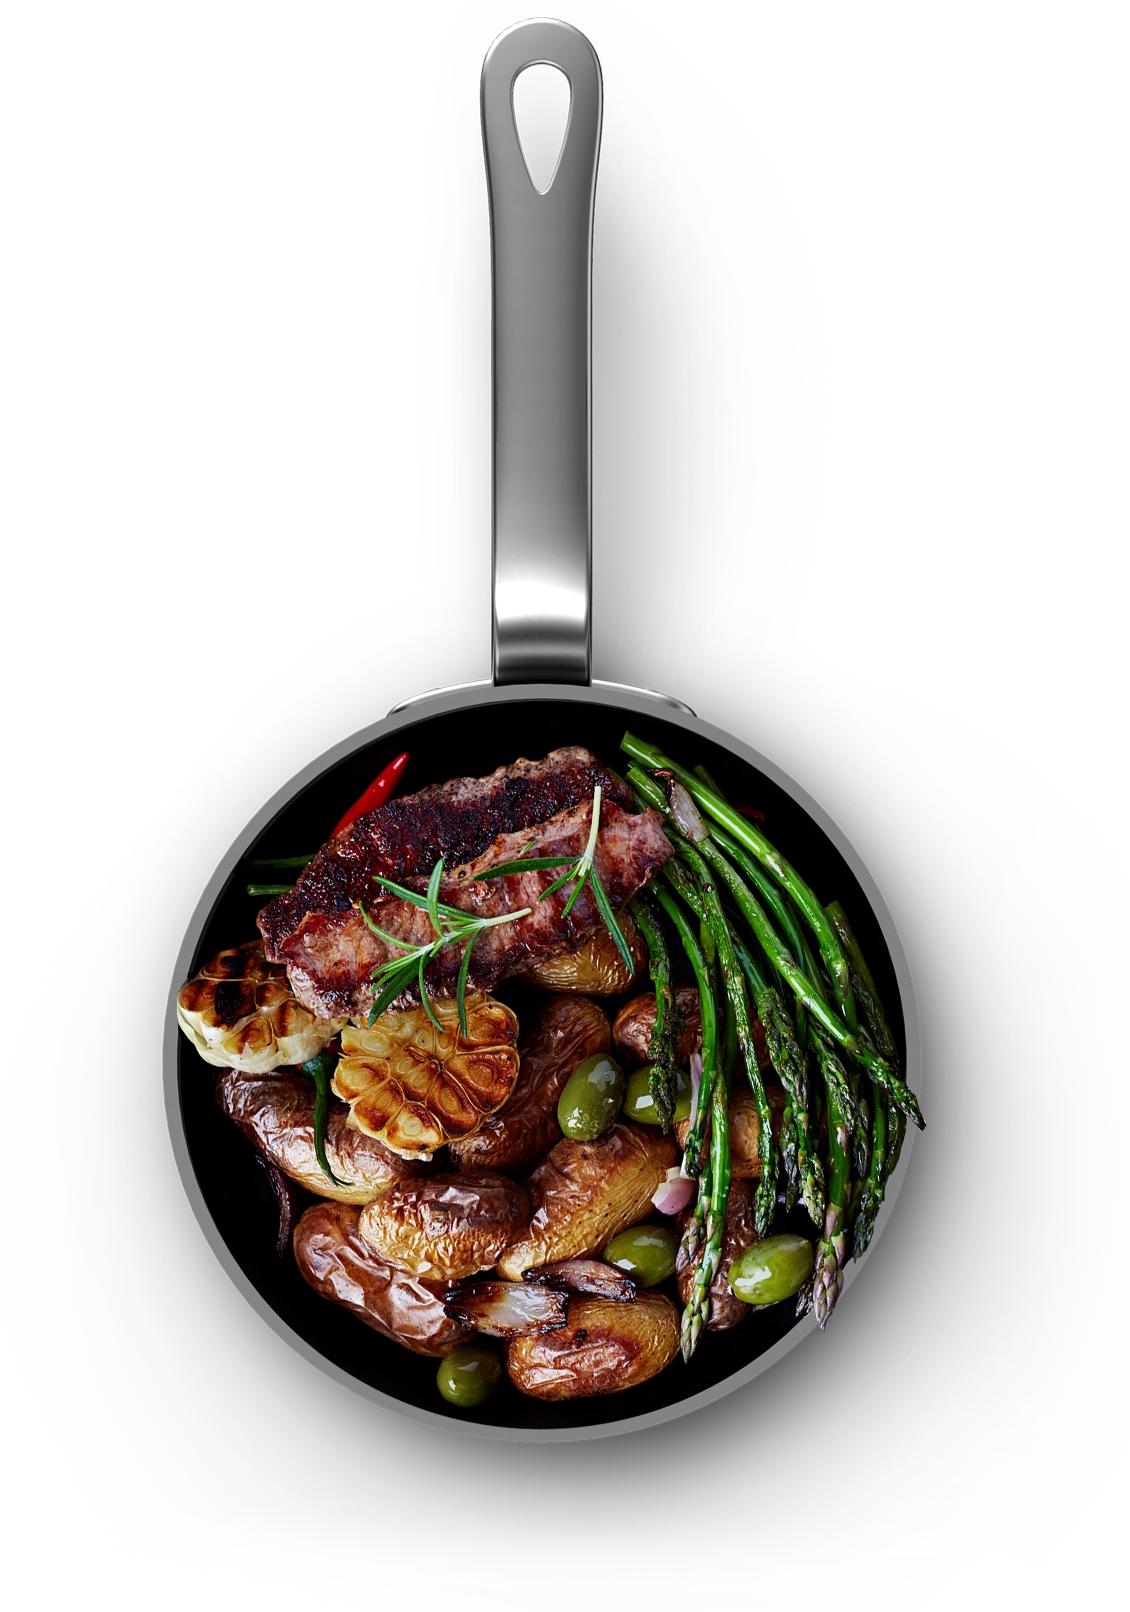 revÊtement teflon x-tra - Ce revêtement 3 couches XTRA offre une des meilleures résistances existantes de vos ustensiles de cuisson. Il permet une durabilité et une sécurité alimentaires plus importantes que les revêtements de sa catégorie.• Fond alvéolé pour une cuisine plus saine• Usage intensif et longue durée de vie• Revêtement sans PFOA